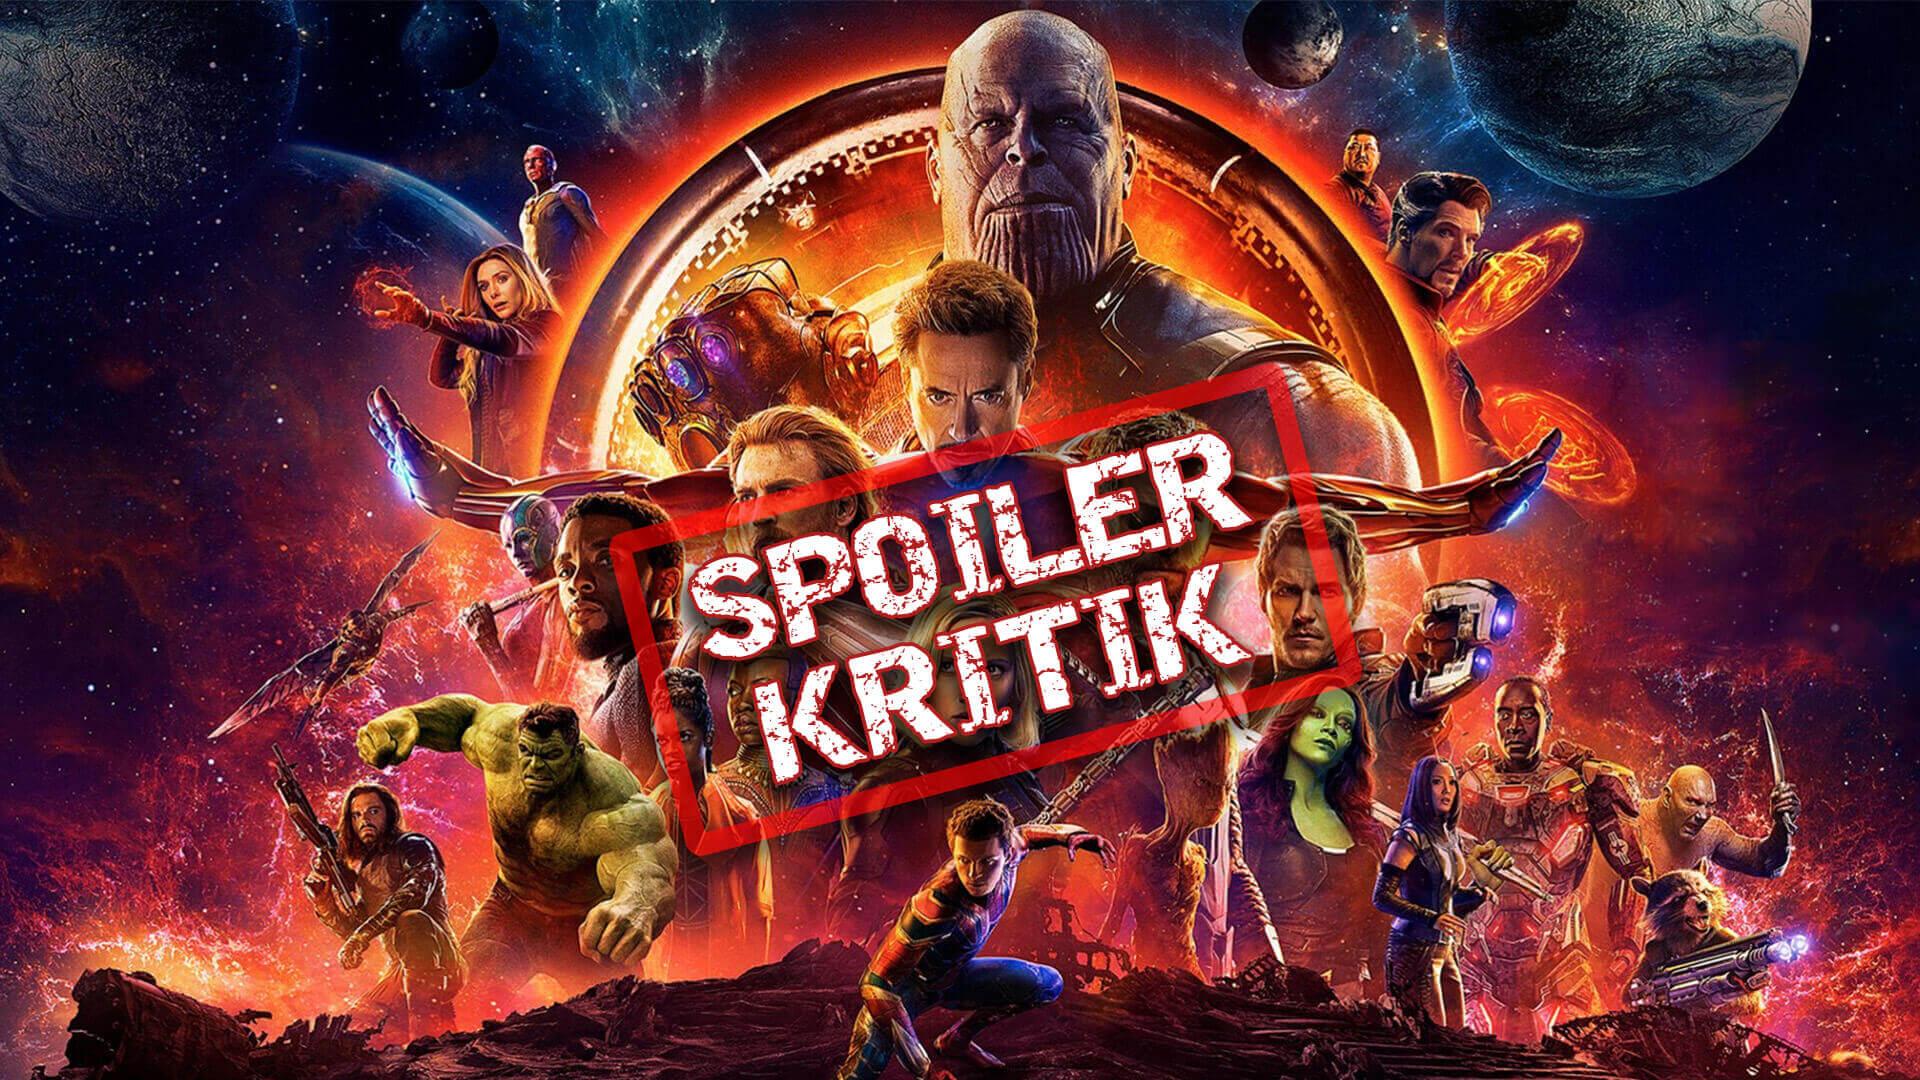 Filmkritik mit Spoilern: Avengers: Infinity War | Nerdizismus Folge 55